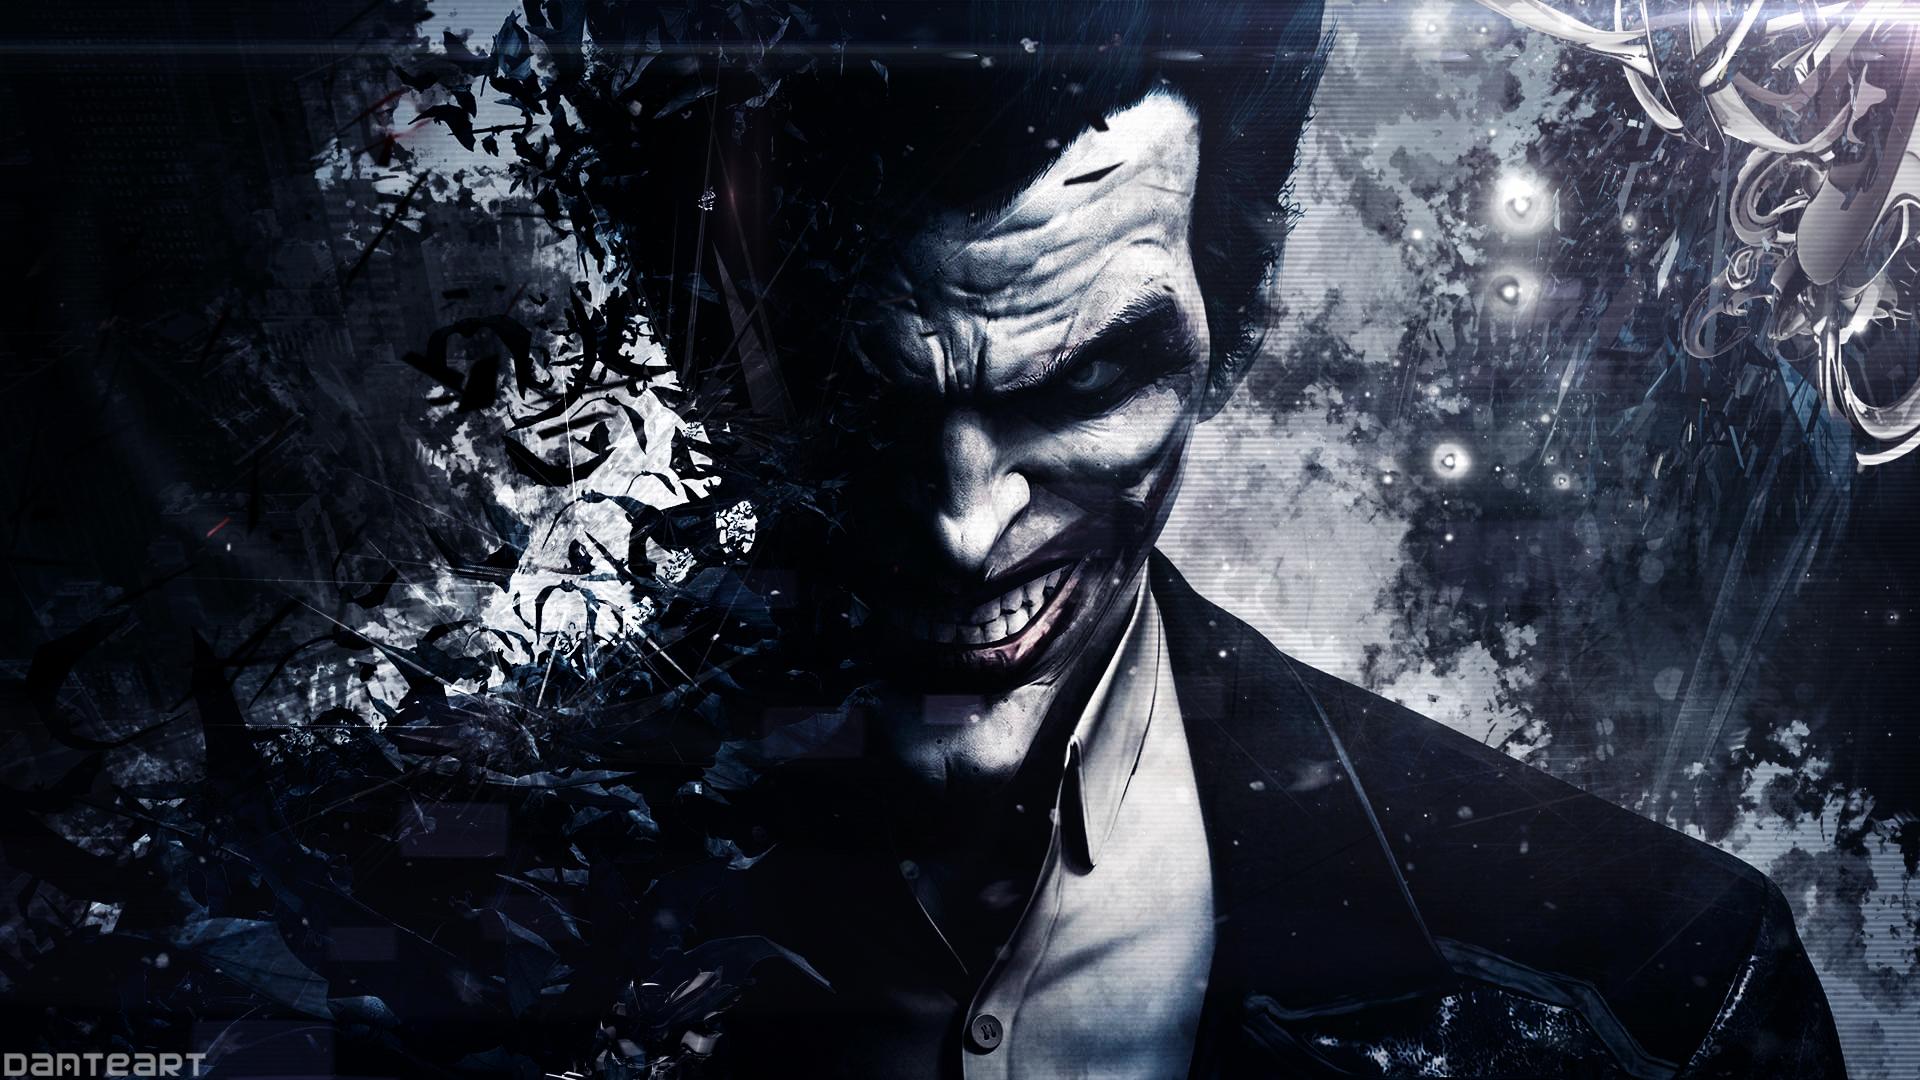 wallpaper batman joker origins arkham art d6runzh 1920x1080